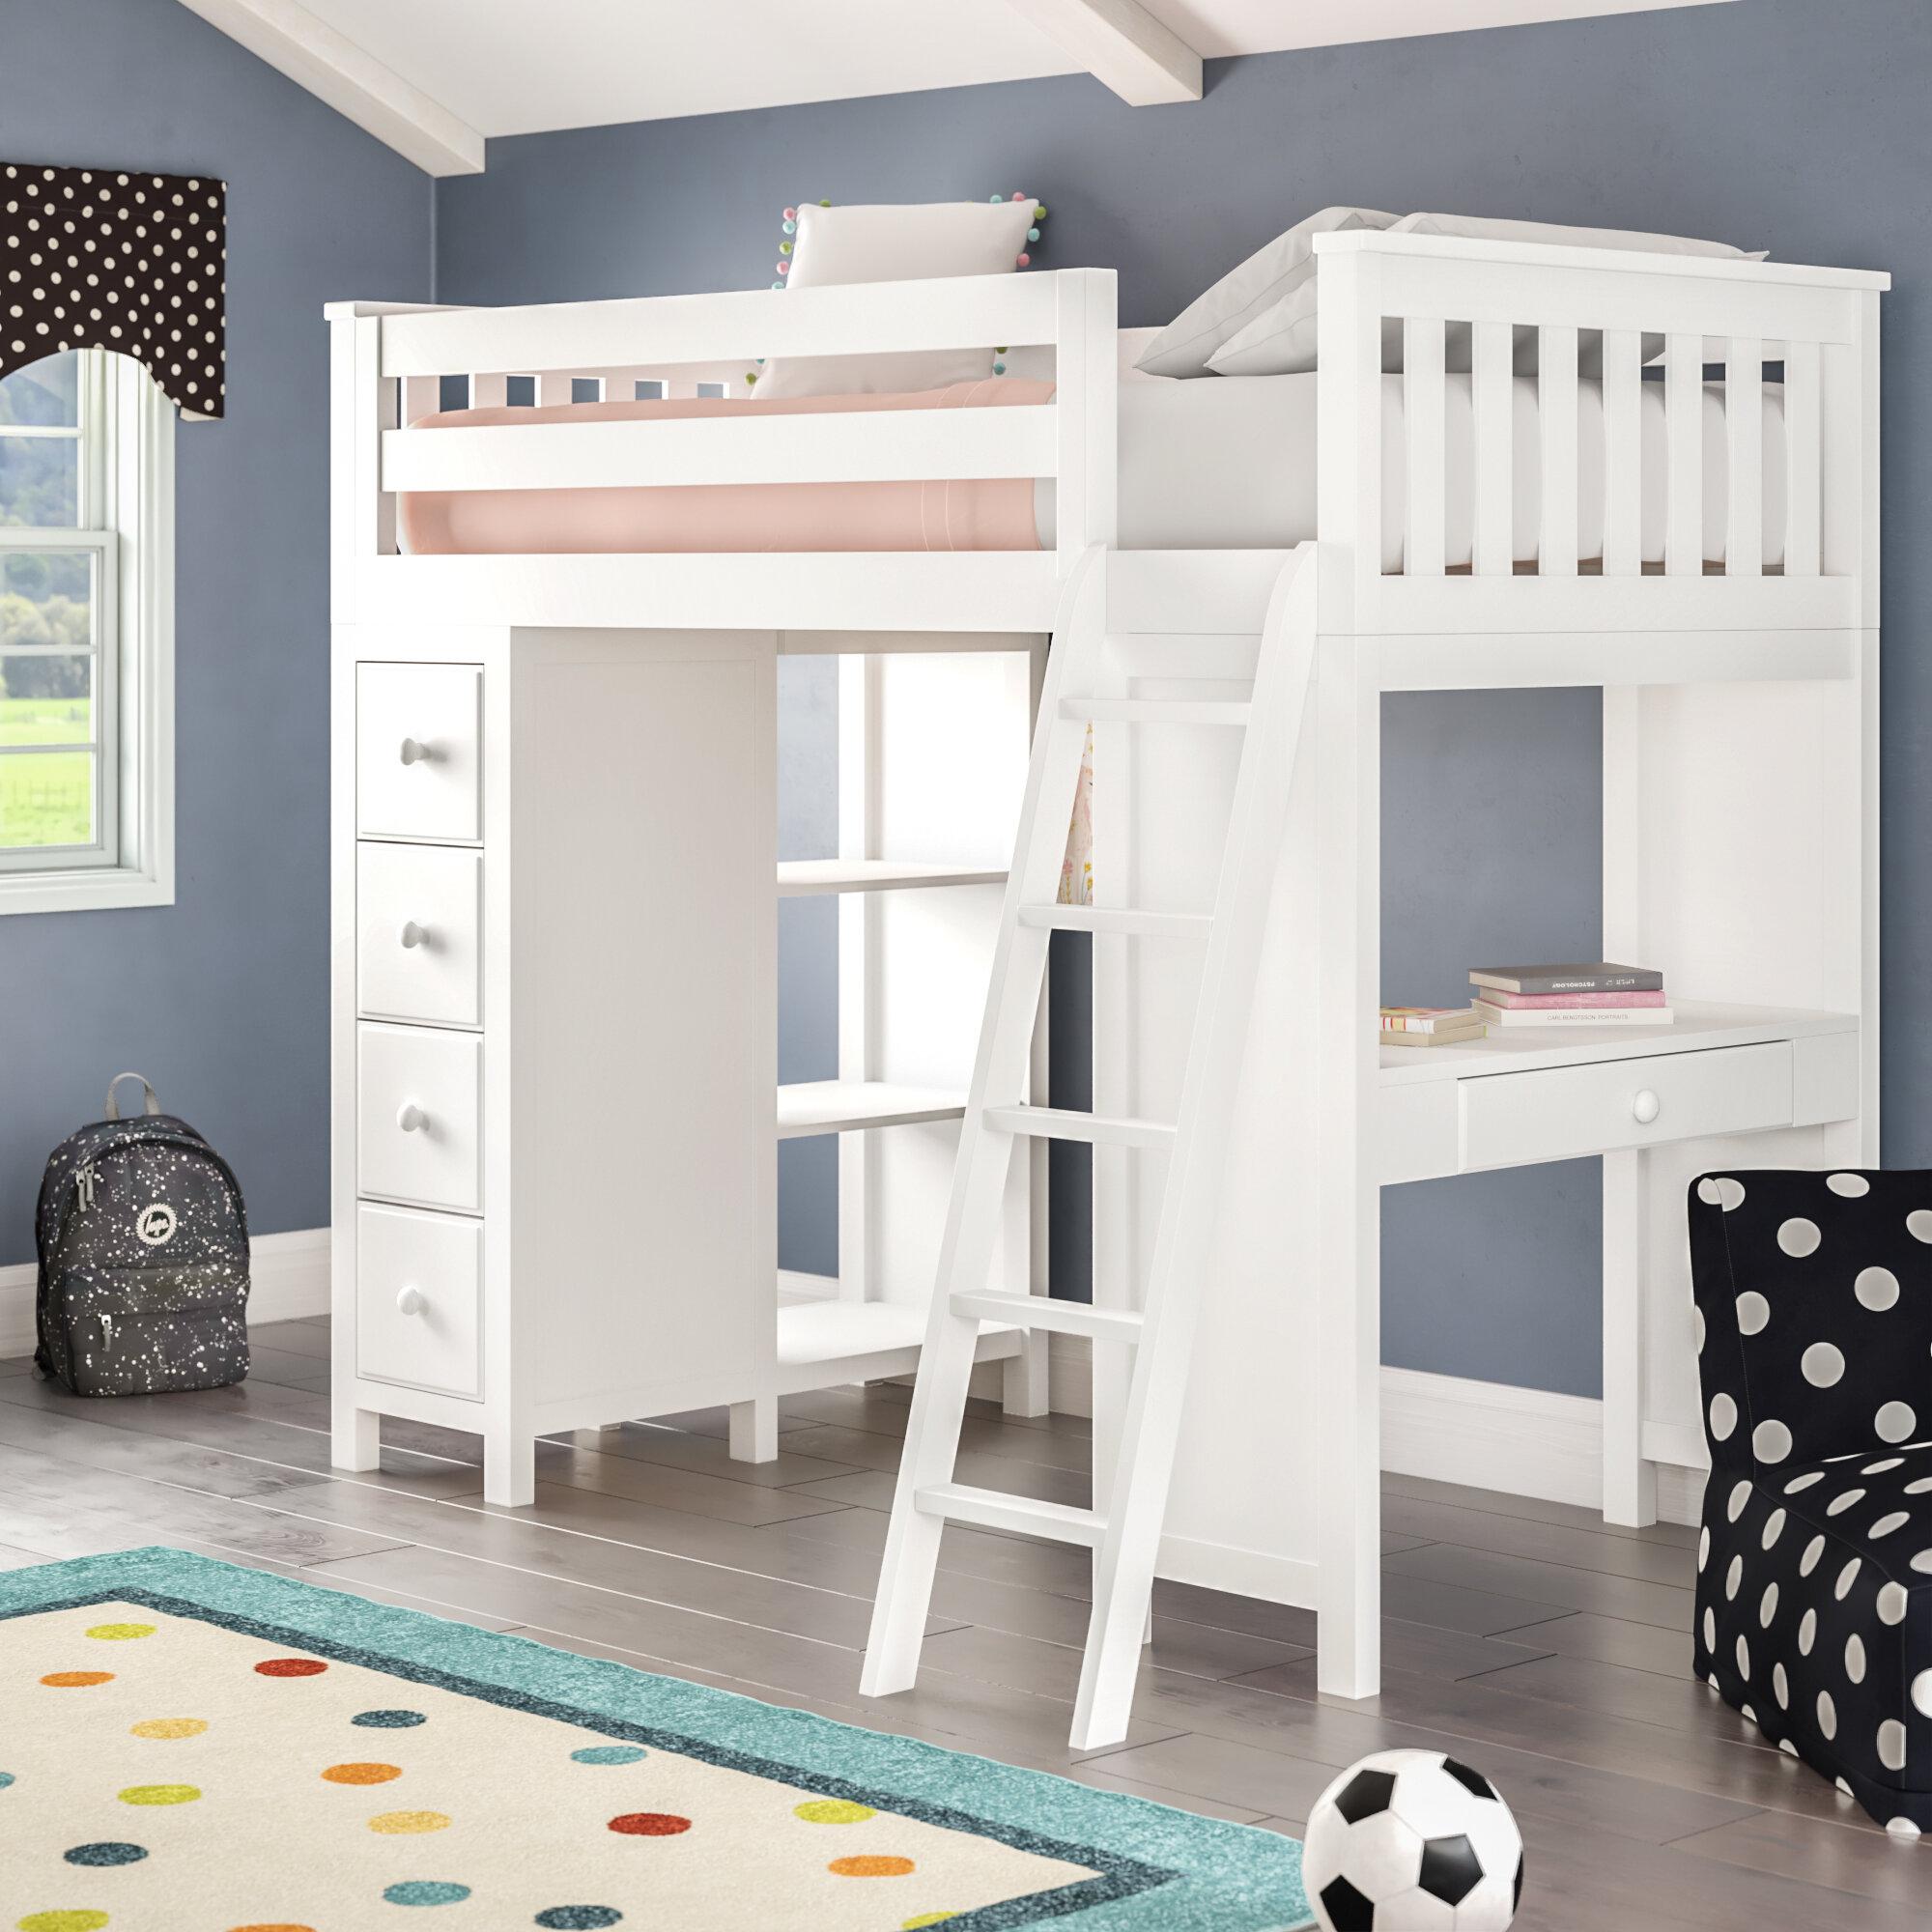 Lit Double Surélevé Adulte lit de mezzanine simple avec tiroirs et tablettes